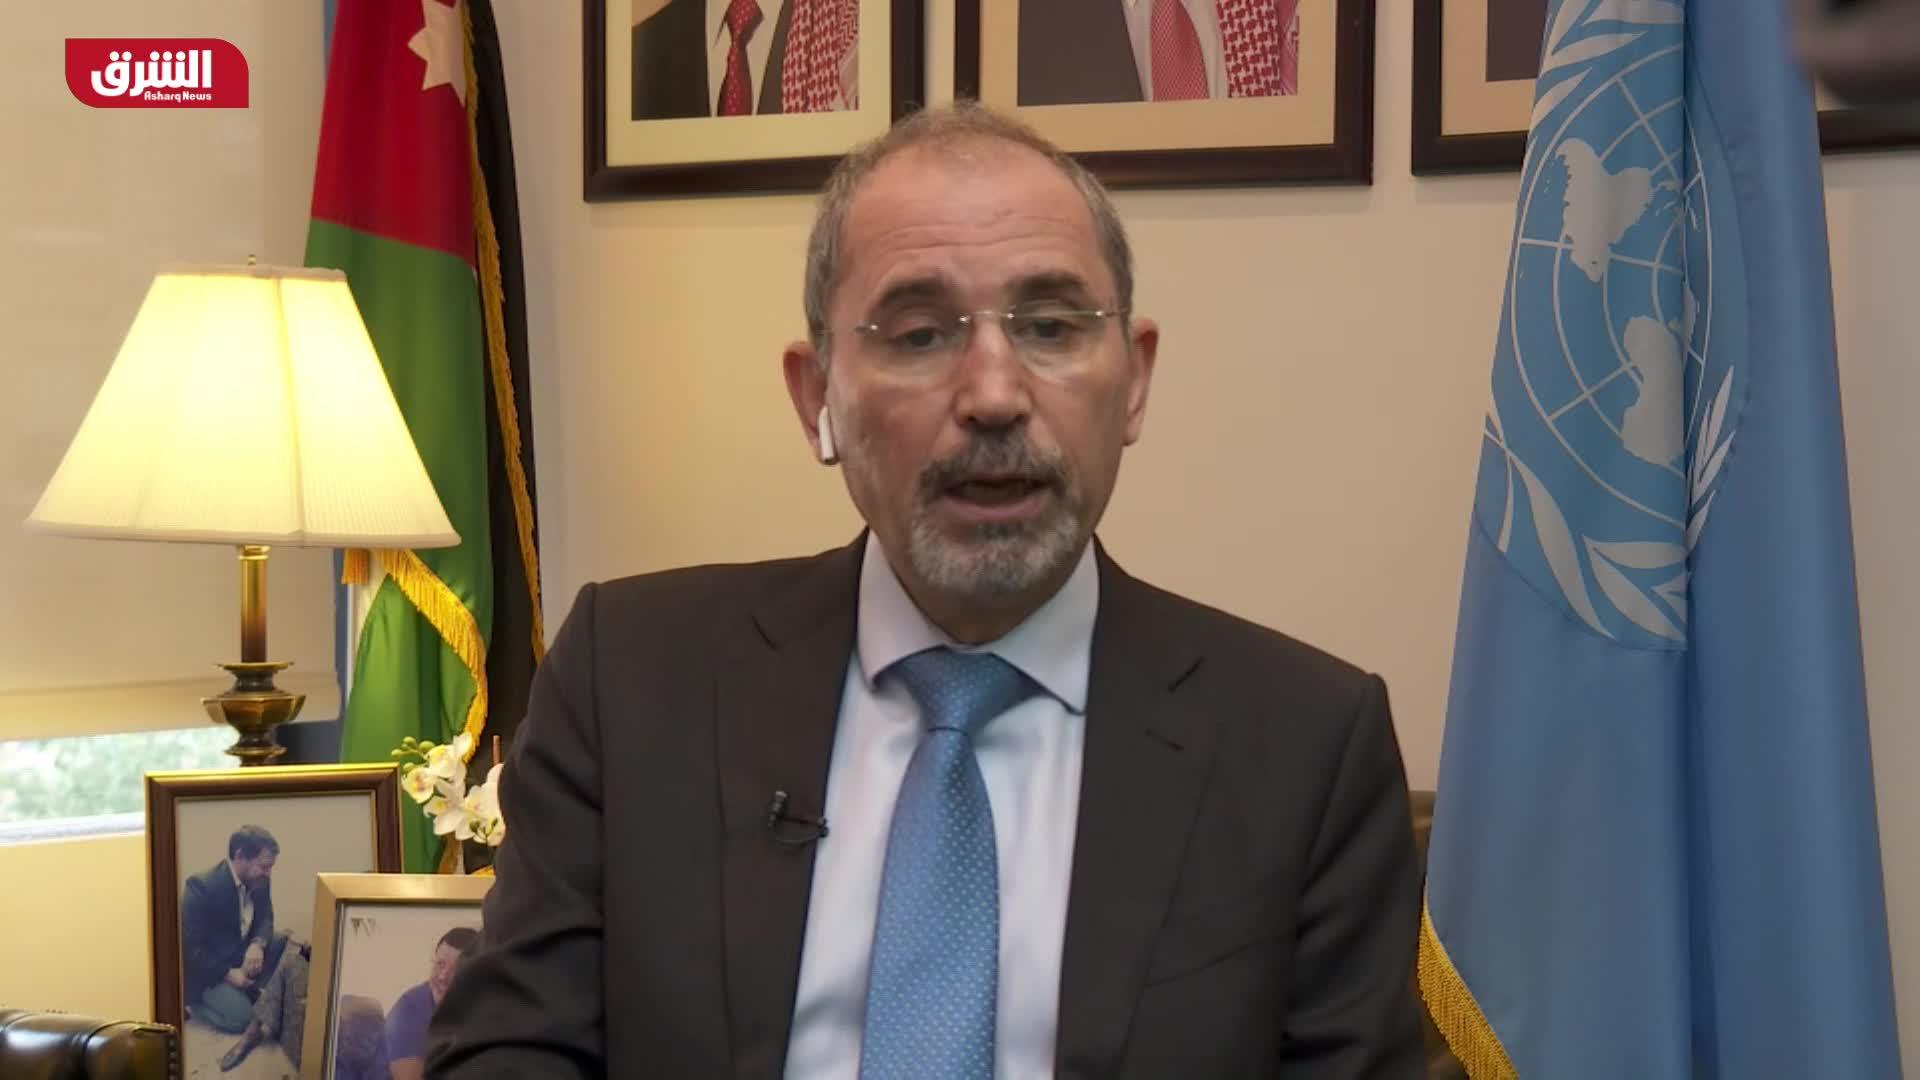 أيمن الصفدي - وزير الخارجية الأردني